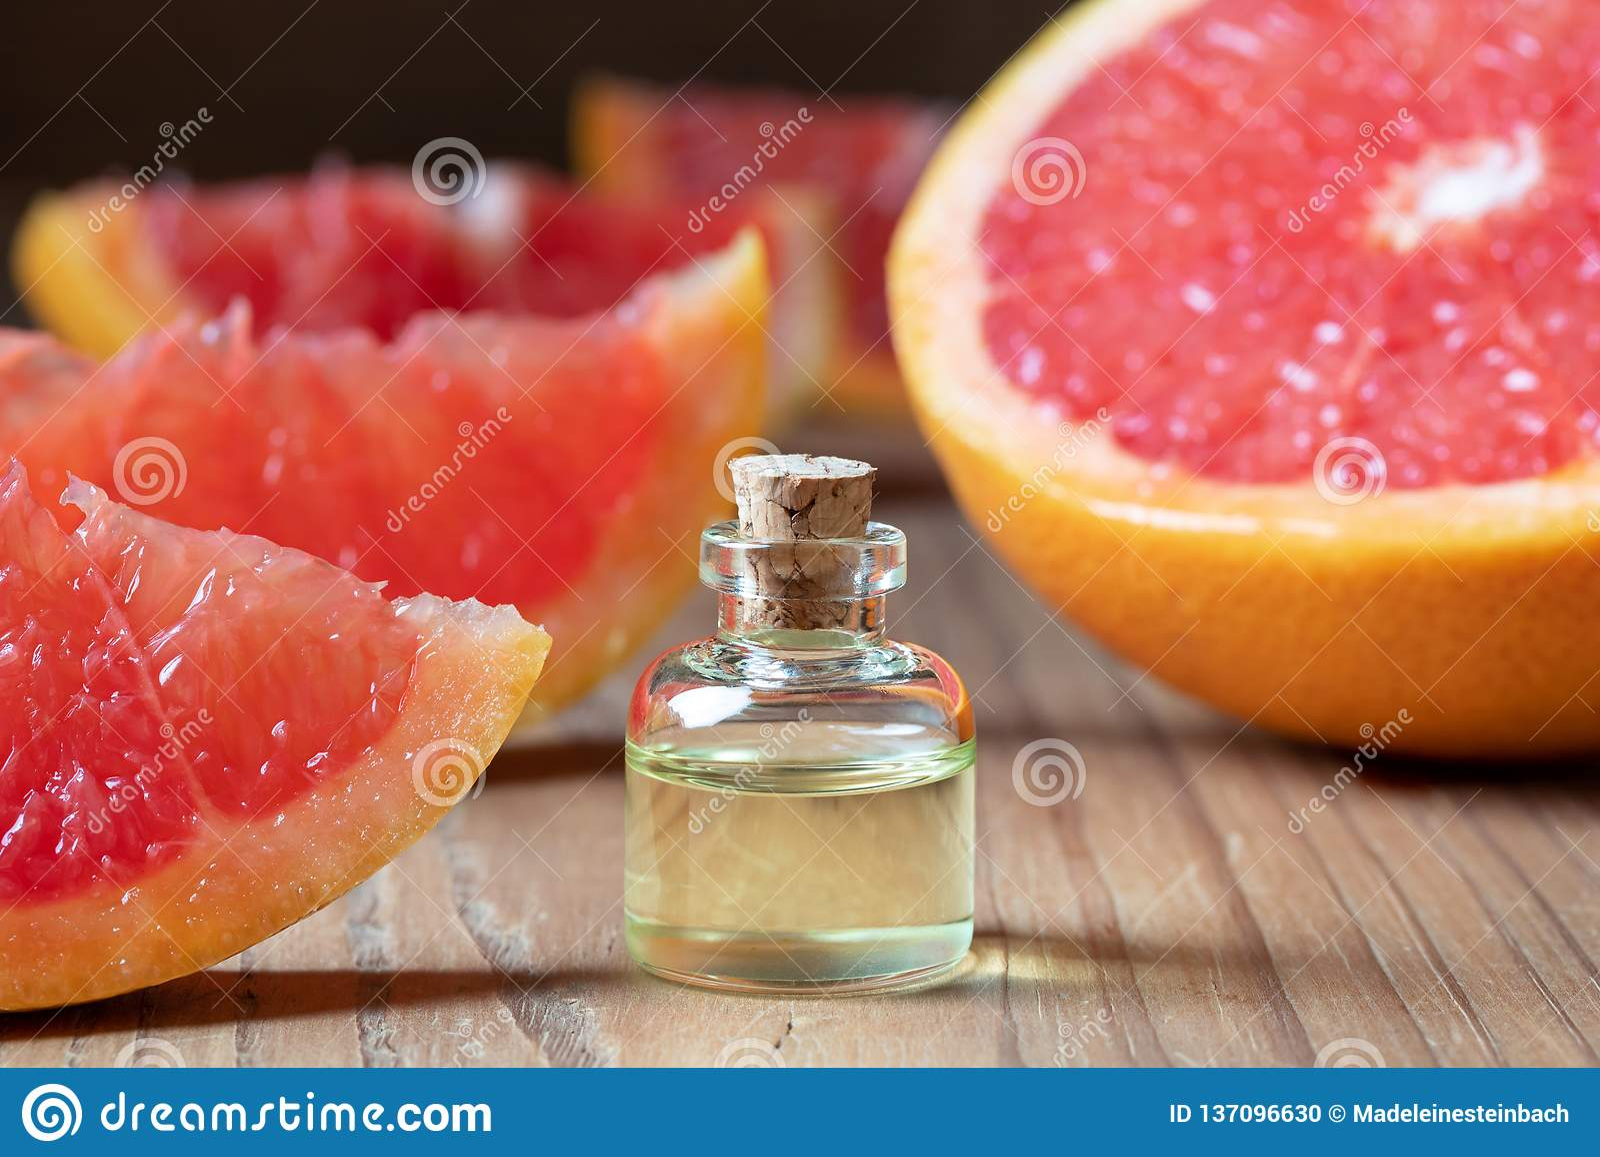 Een fles grapefruitetherische olie met verse roze grapefruit op een lijst